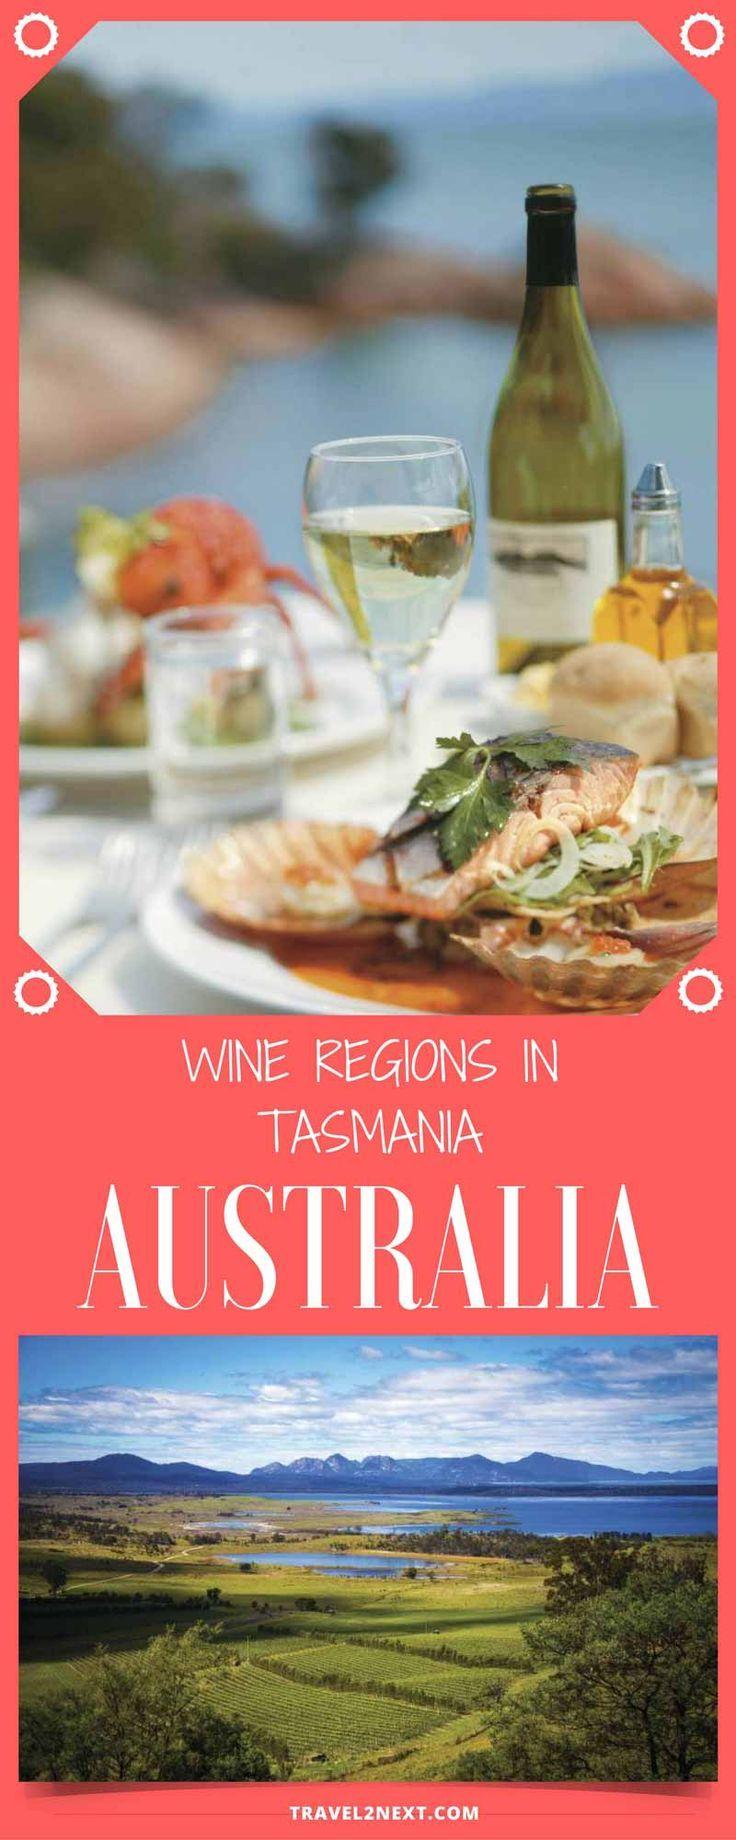 Tasmanian Wineries And Wine Regions Sydney Australia Travel Tasmania Wine Region